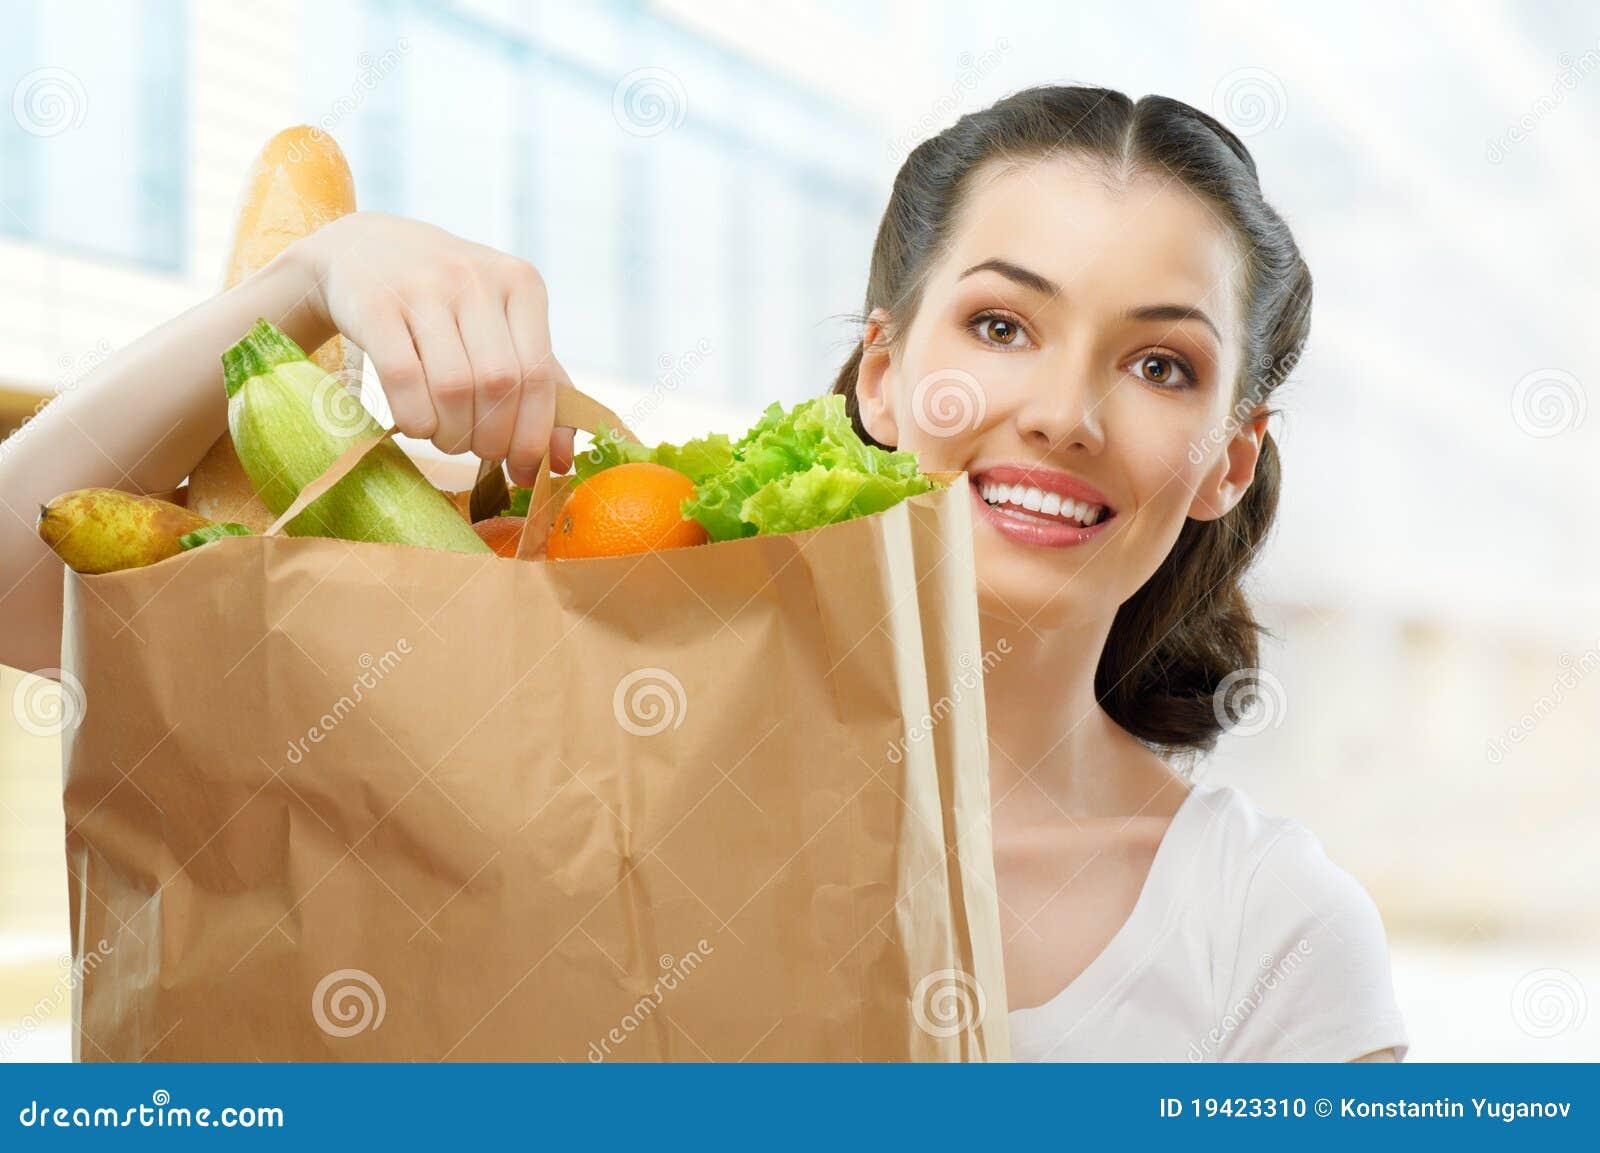 Beutel der Nahrung